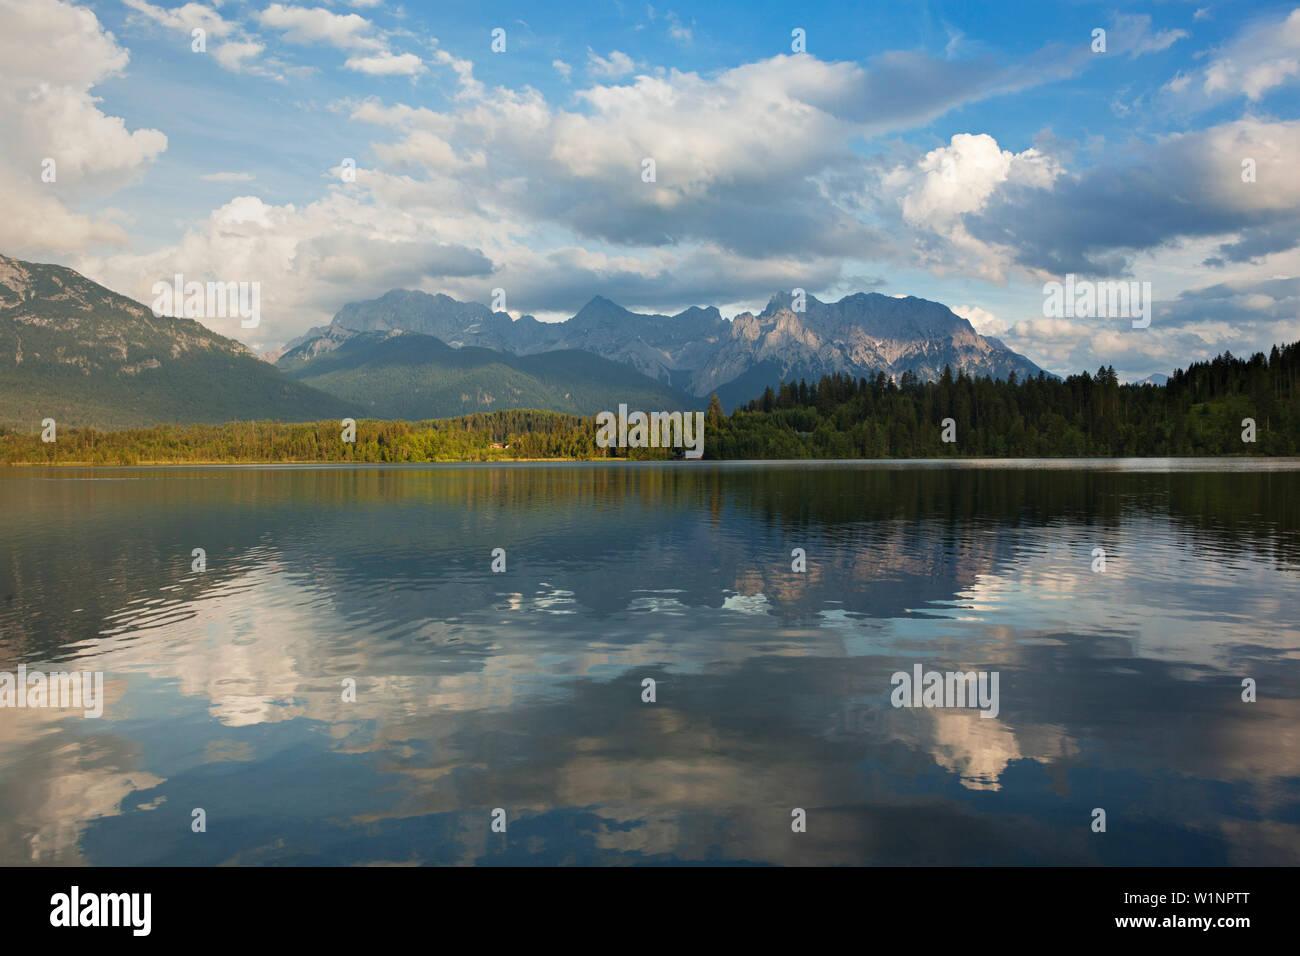 Barmsee, view to Karwendel, Werdenfels region, Bavaria, Germany - Stock Image